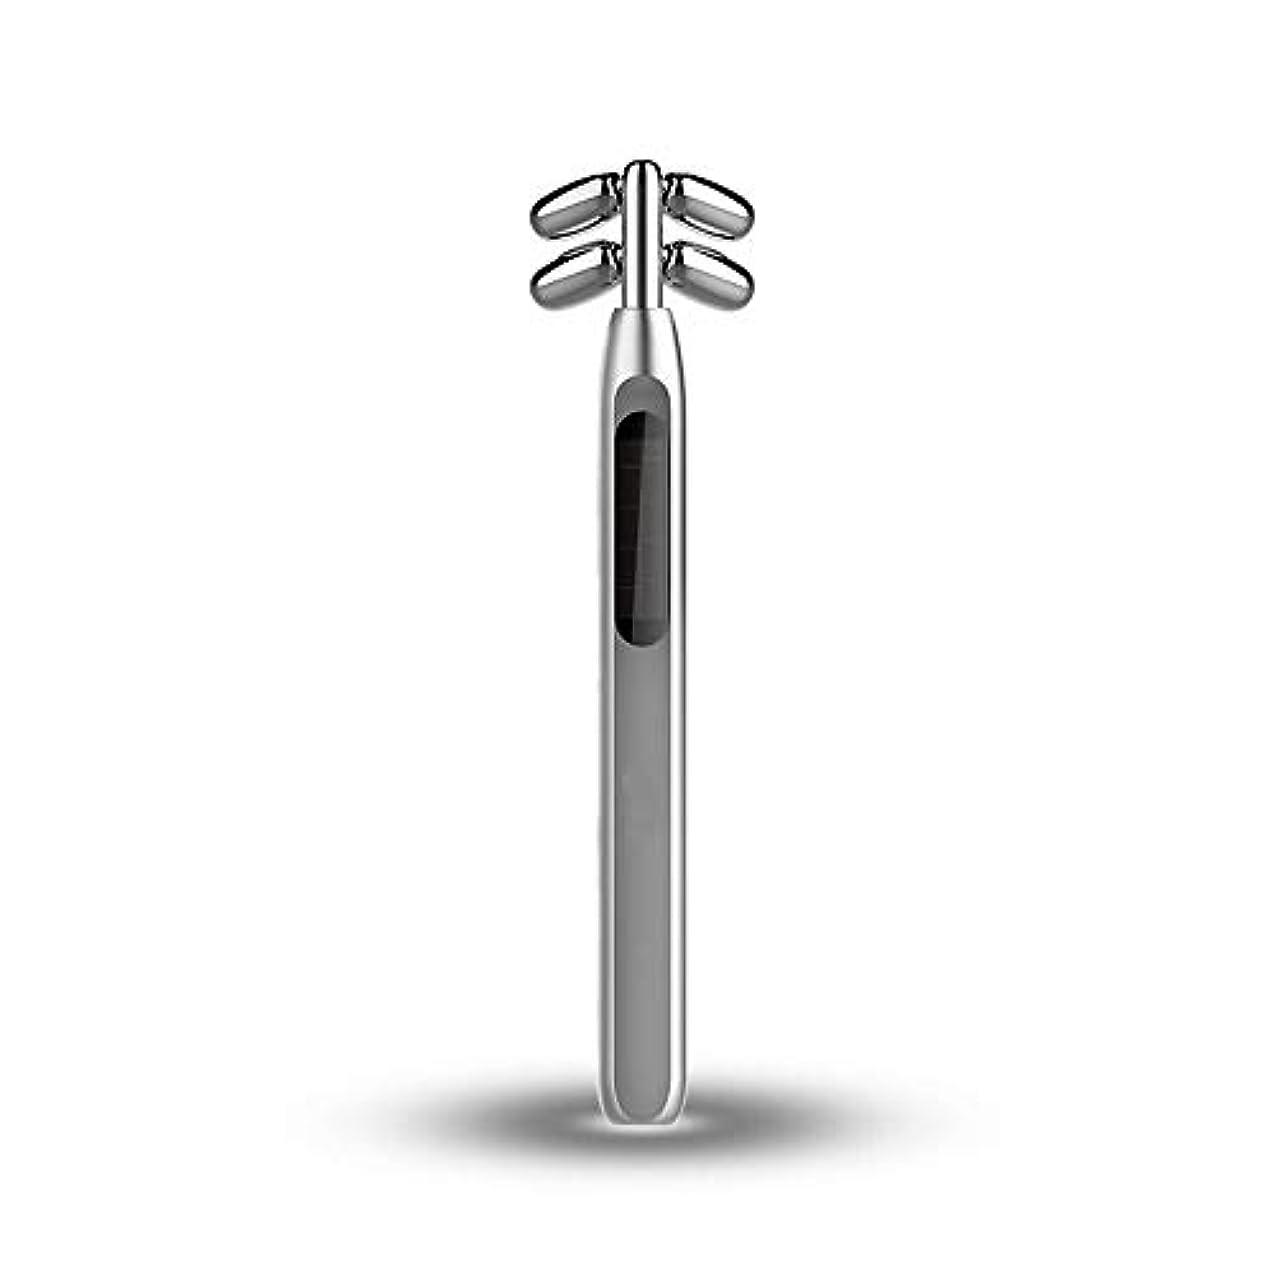 野心虚偽露出度の高いビューティーバーローラー、美容スティックフェイス微小電流マッサージ360度回転4つのローラV顔美容機器を引き締めフェイシャル?フェイスリフトスキン (Color : Silver)